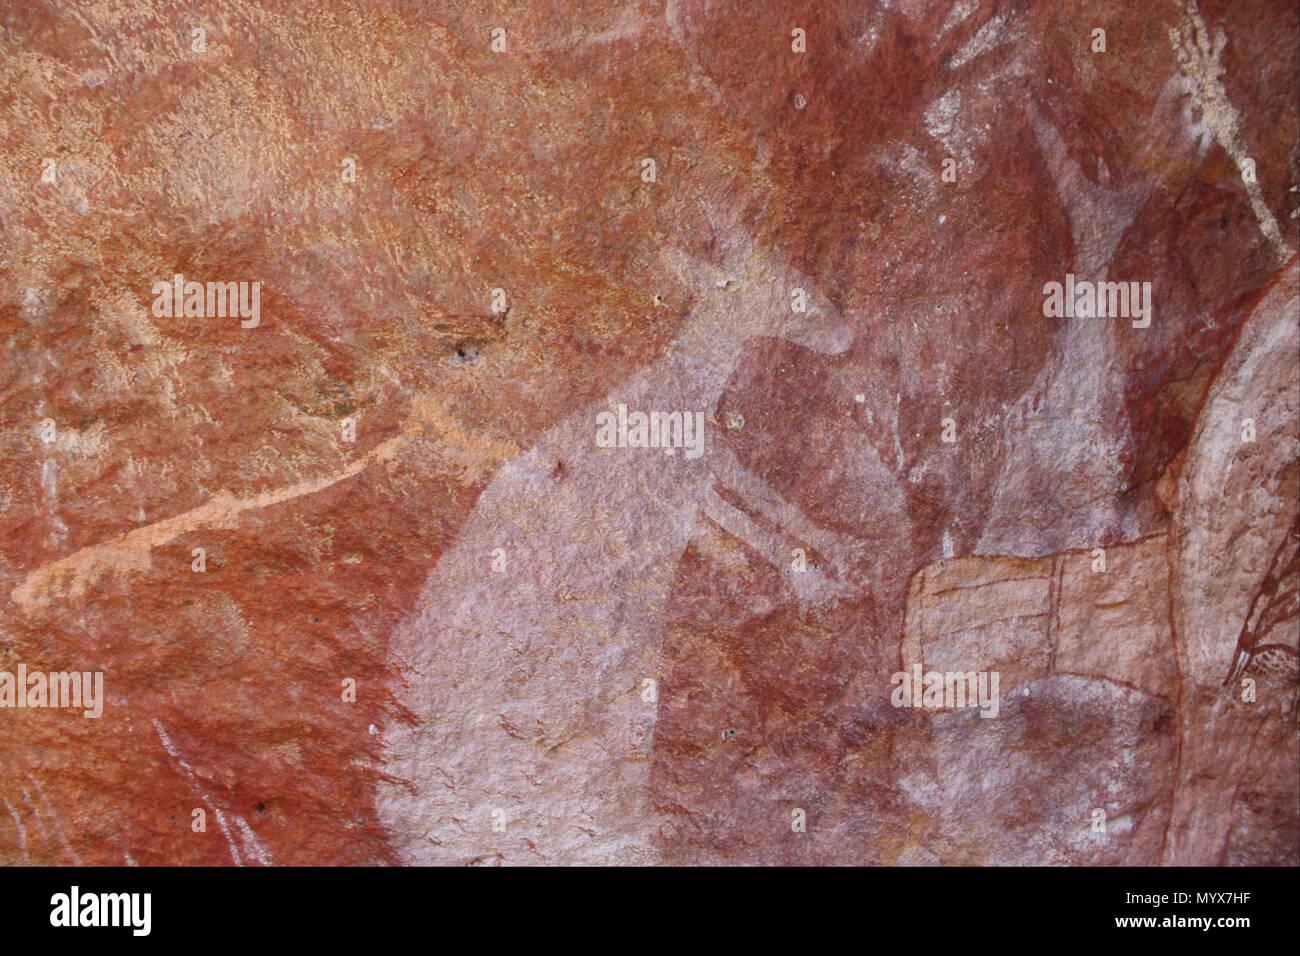 . Canguro bianco . (1800 - 1899) 5 White Canguro - Google Art Project Immagini Stock